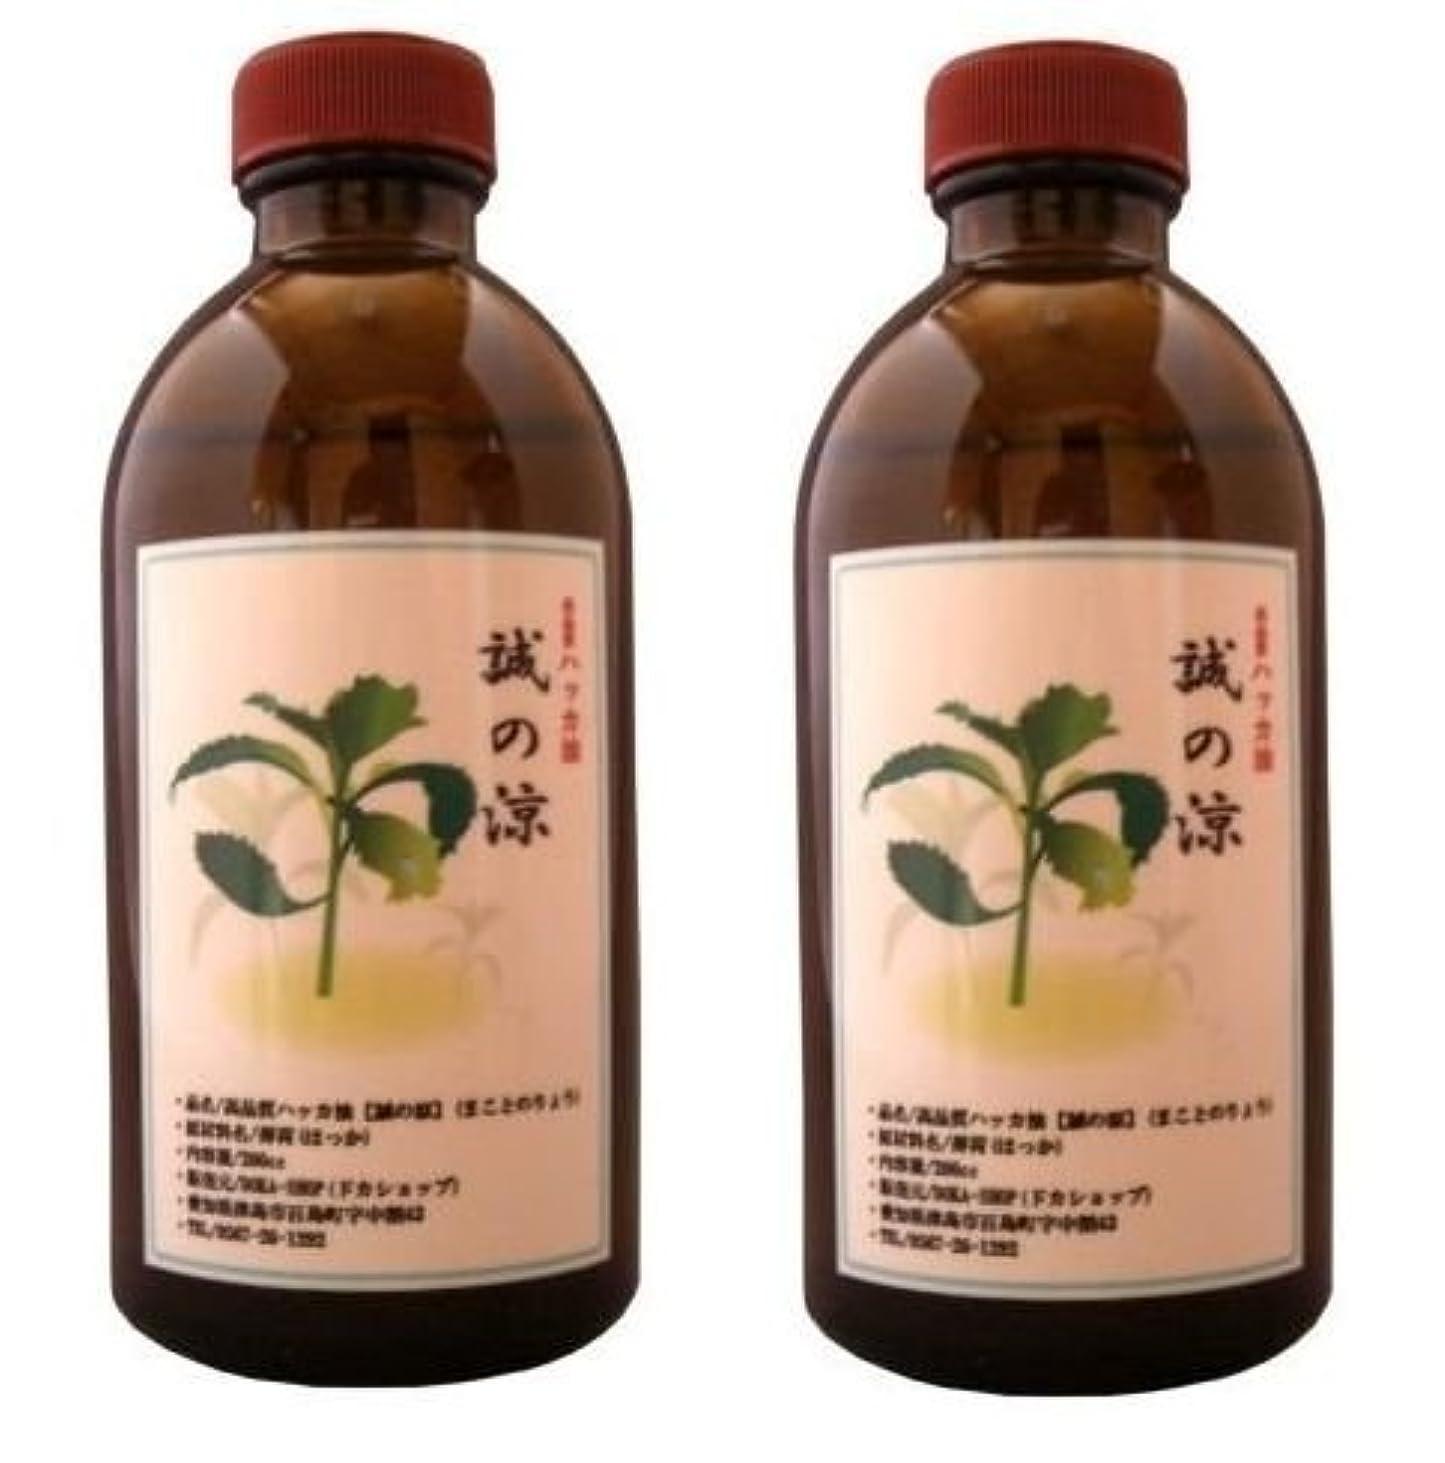 DOKA-SHOP 高品質ハッカ精油100%【誠の涼(まことのりょう)】日本国内加工精製 たっぷり使えてバツグンの爽快感 200cc×2本セット